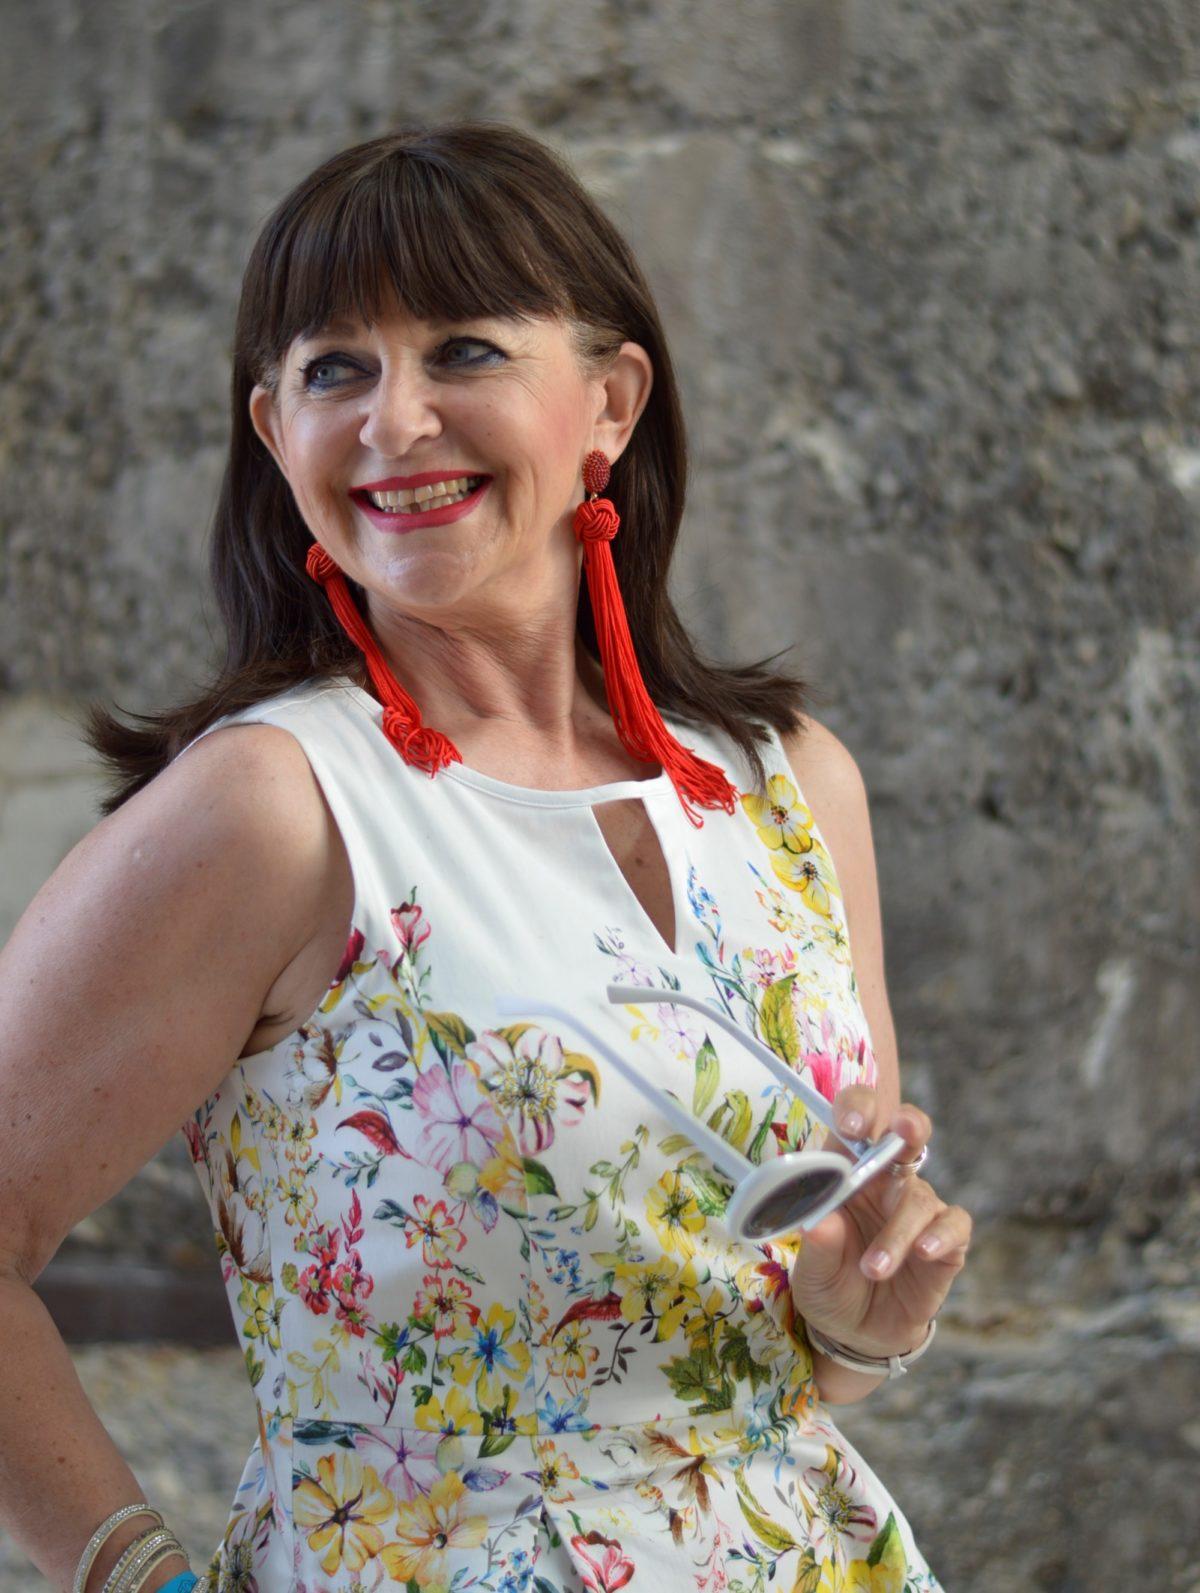 d094f108f963b 8 Styling Tipps für ein Sommerkleid - Summer in the city - Martina ...